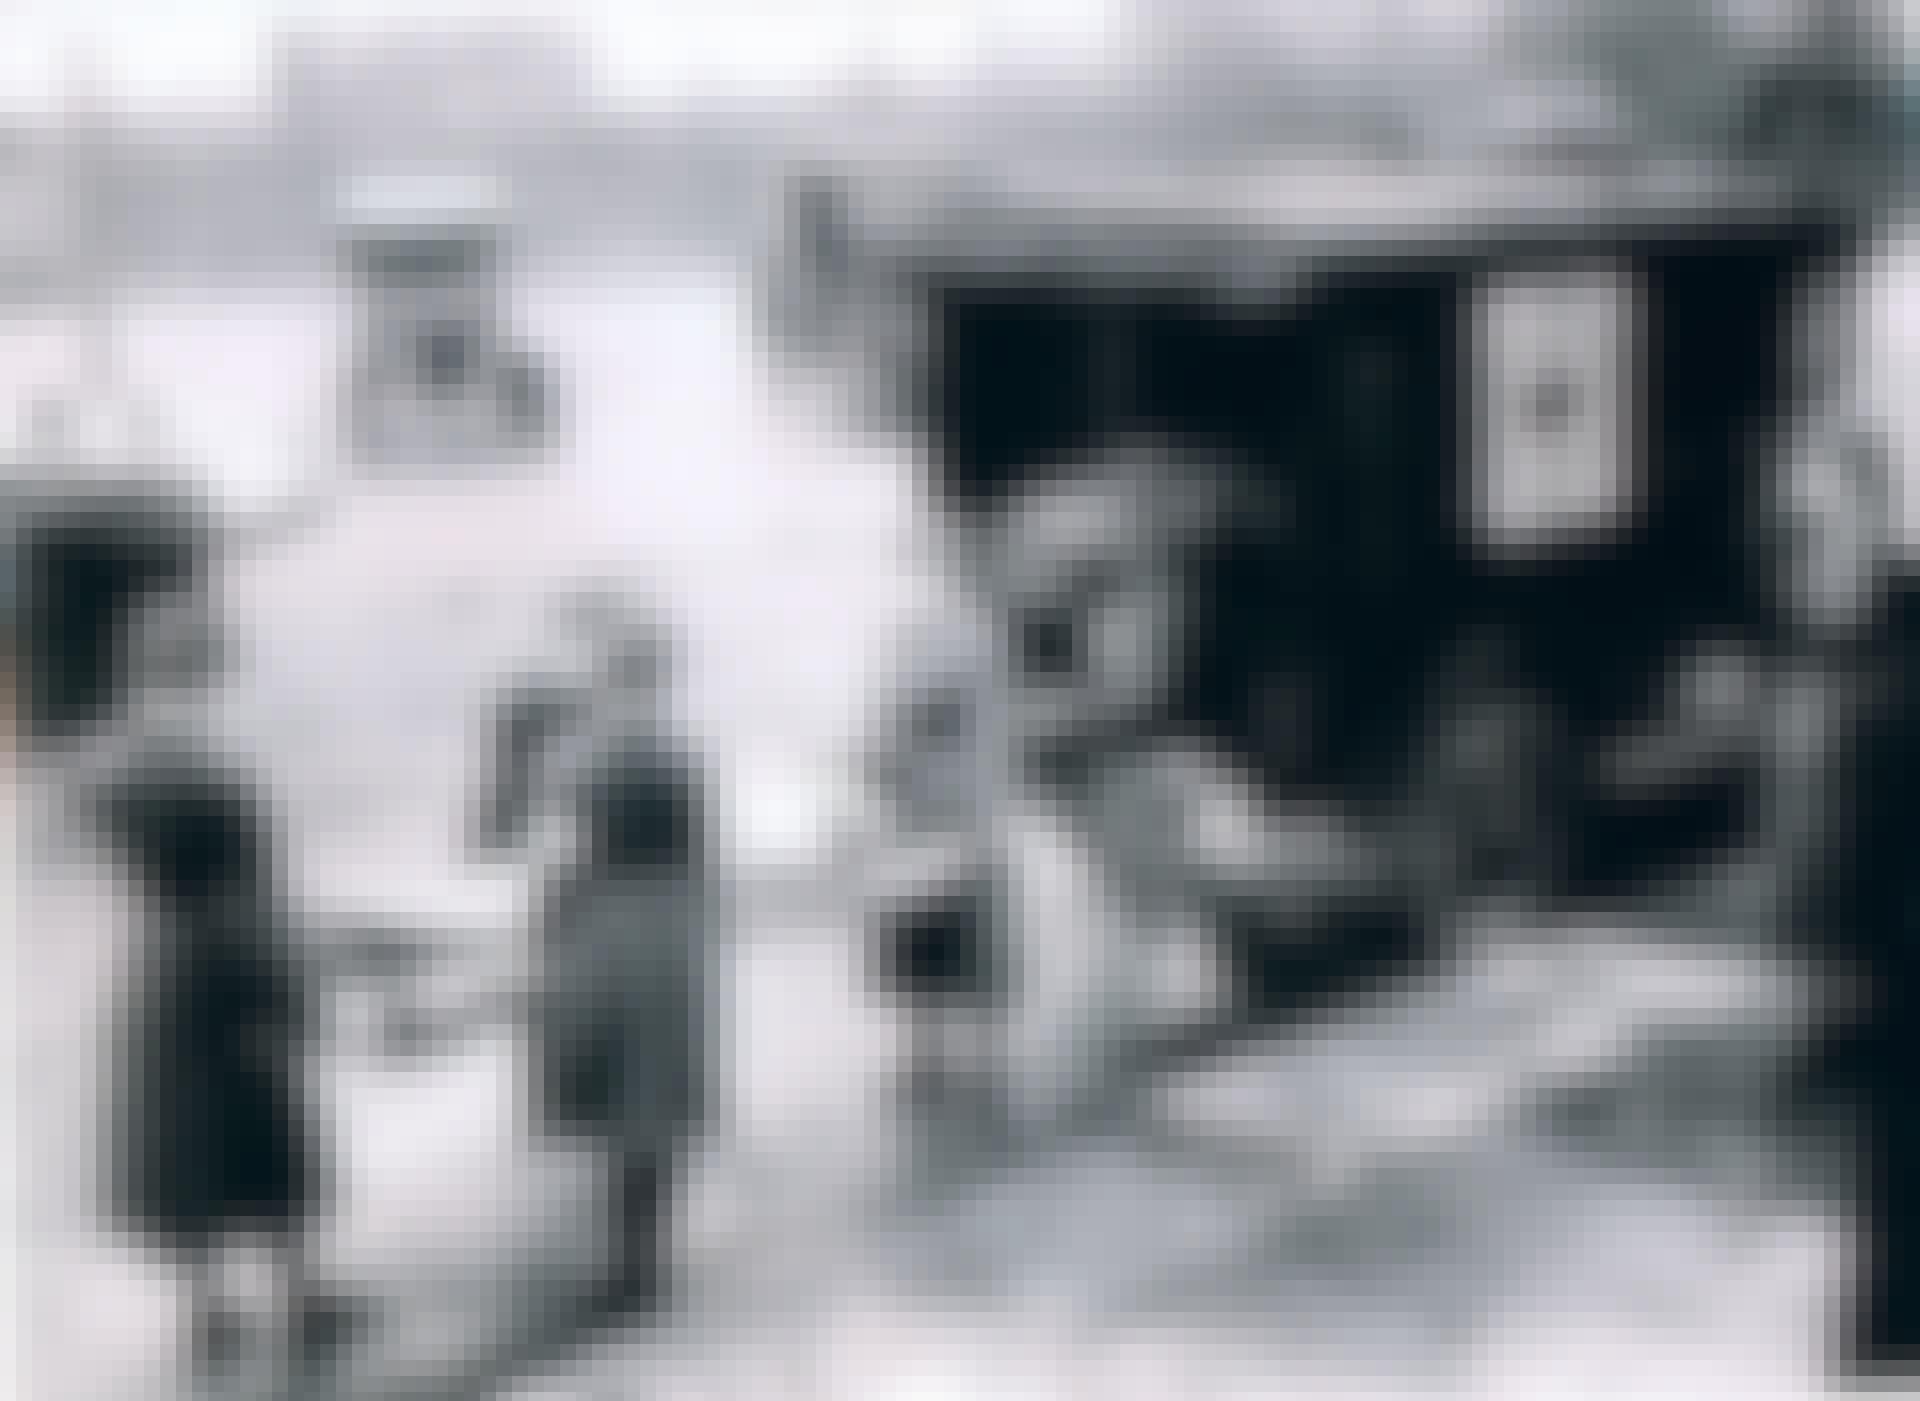 Medewerkers van het Rode Kruis vervoeren slachtoffers van de Spaanse griep